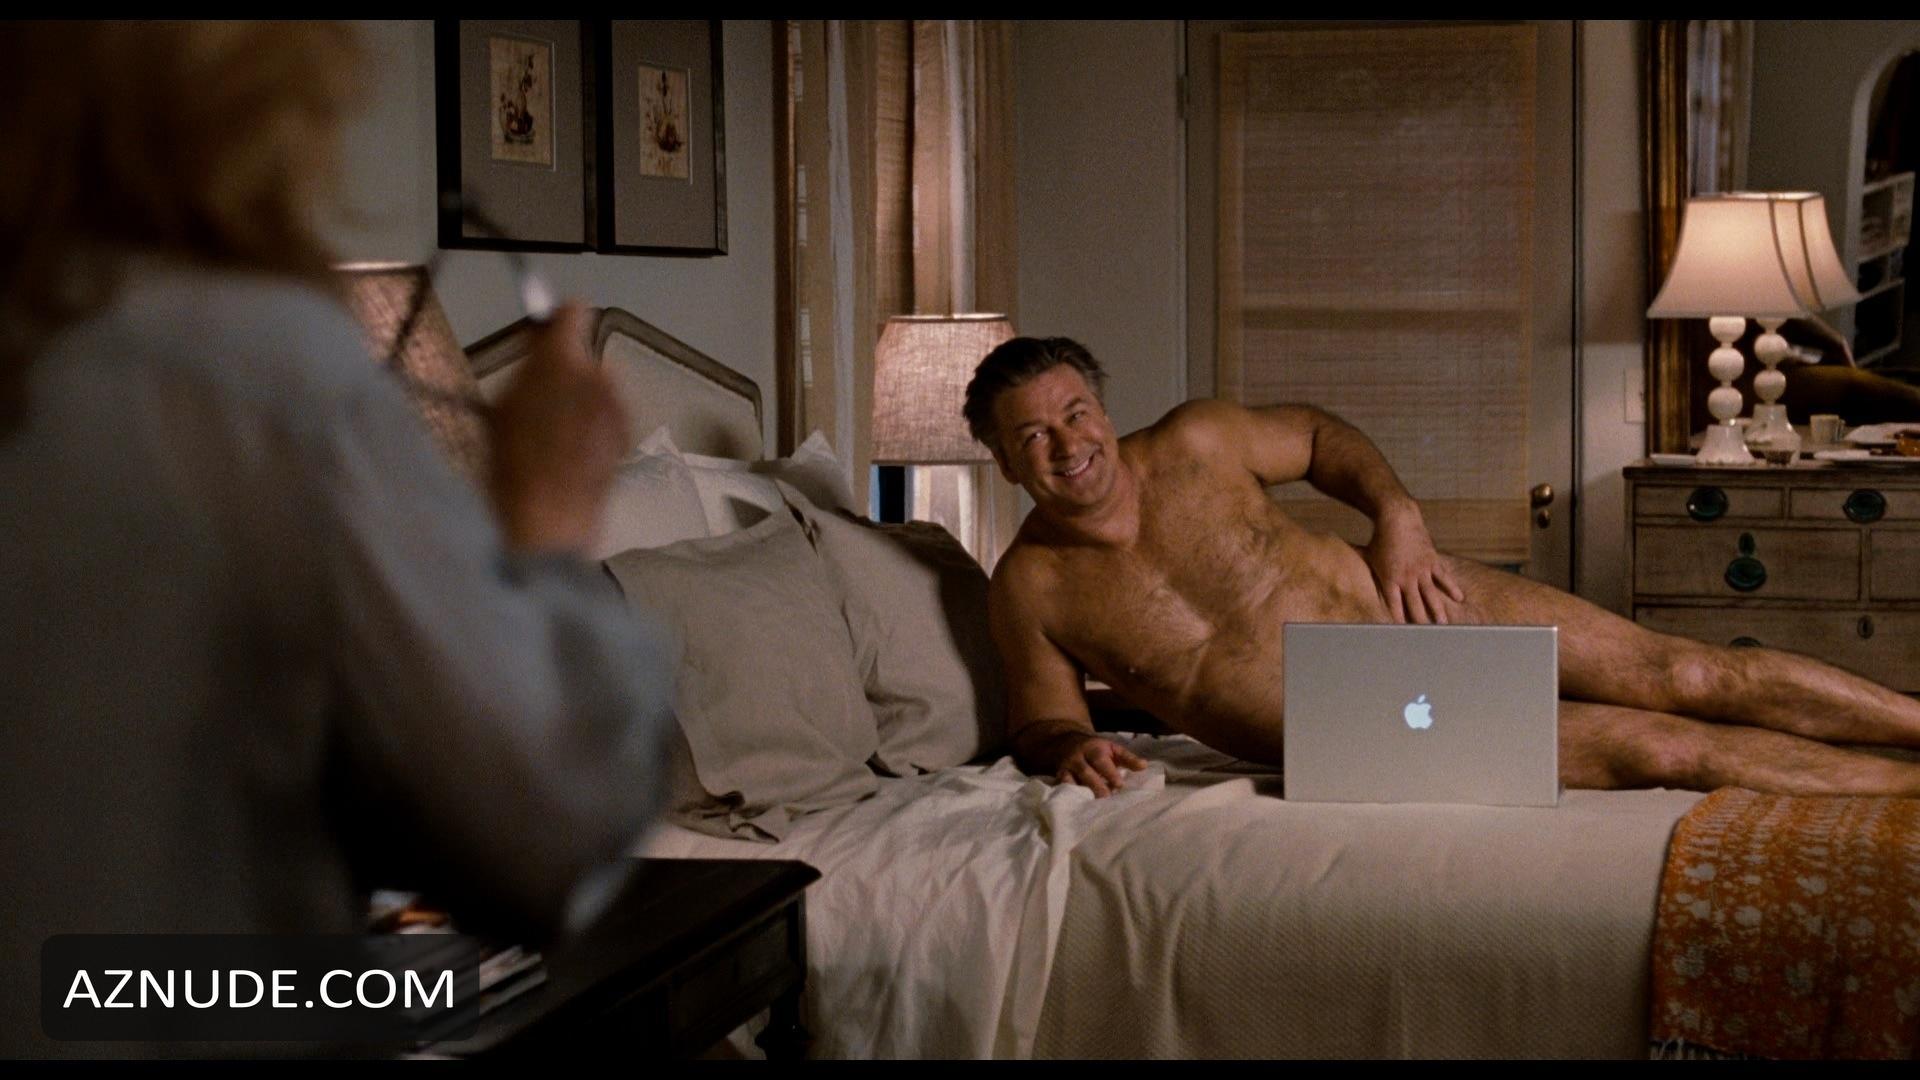 Alec baldwin nude would like